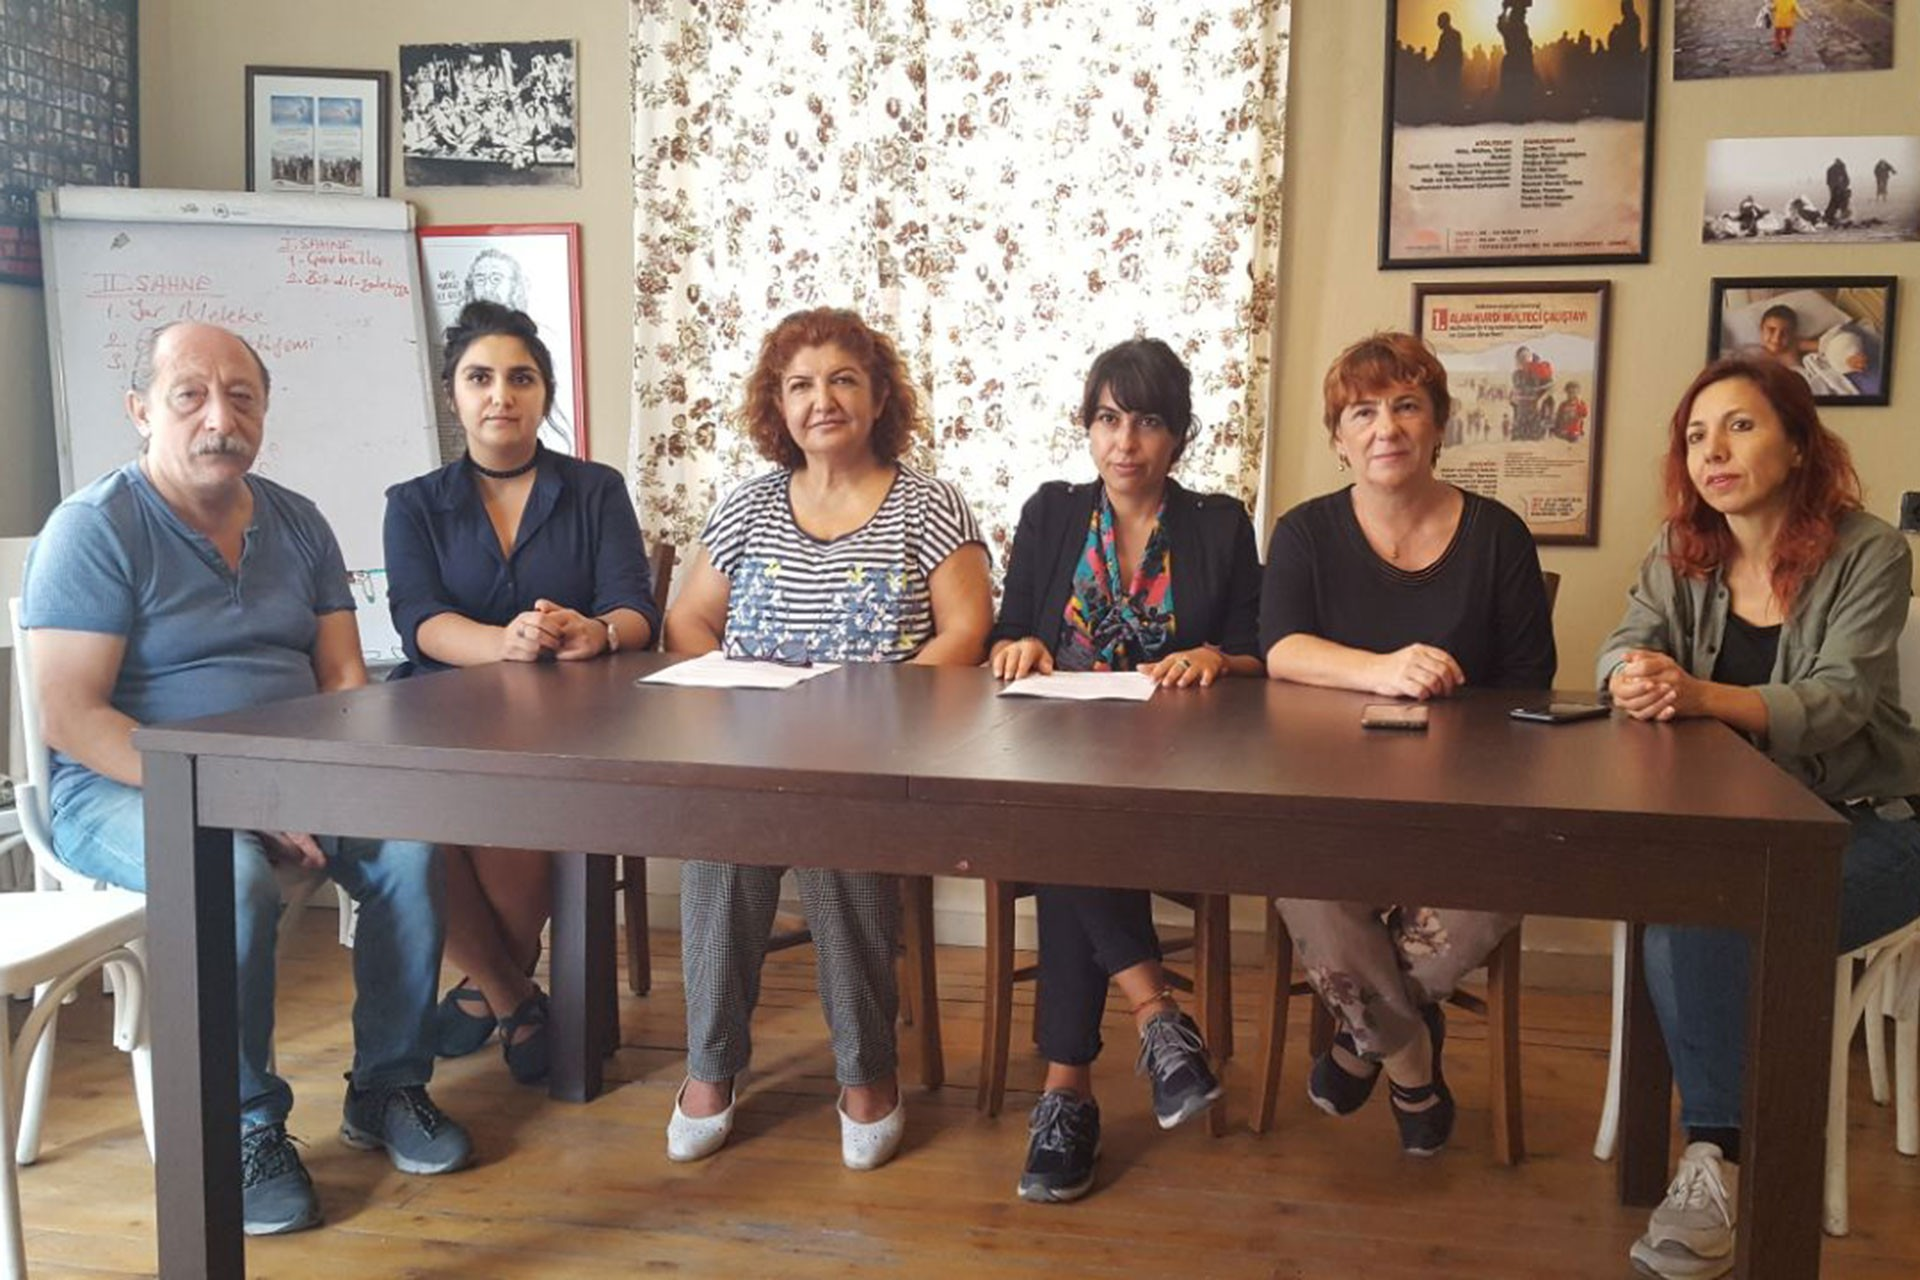 Hakların Köprüsü Derneği: Mülteci dostlarımız güvenlik problemi değildir